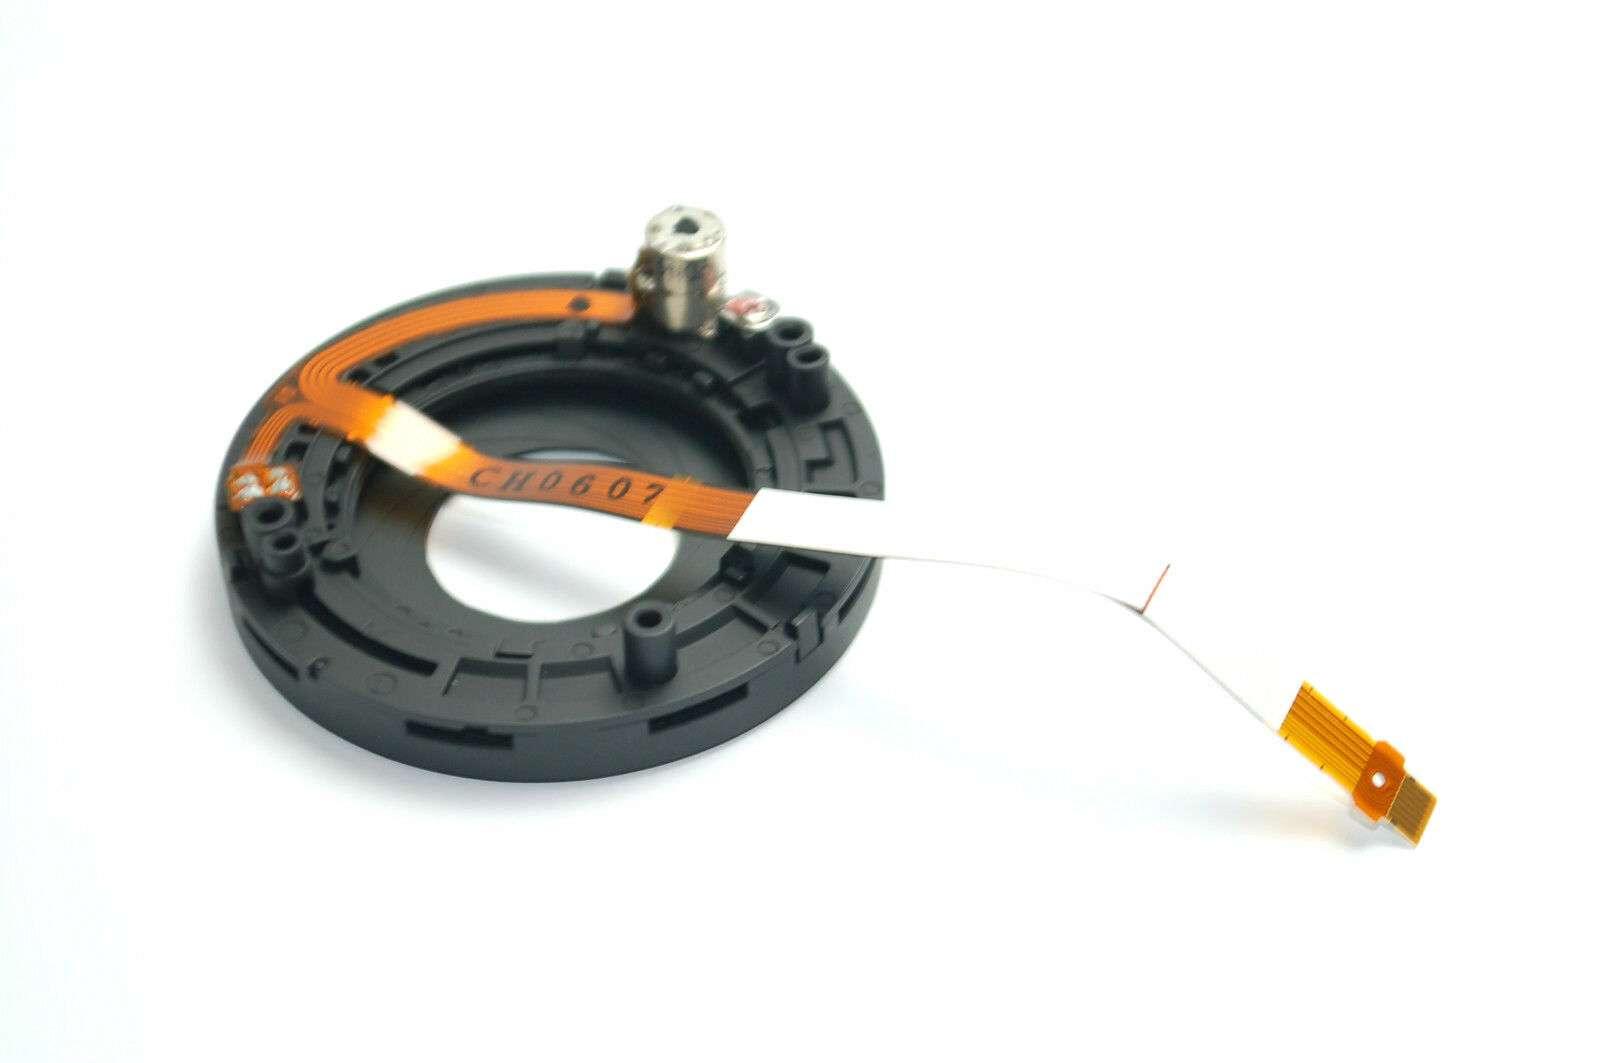 Power Diaphragm Shutter Unit Aperture Flex Cable for Canon 24-105mm Repair